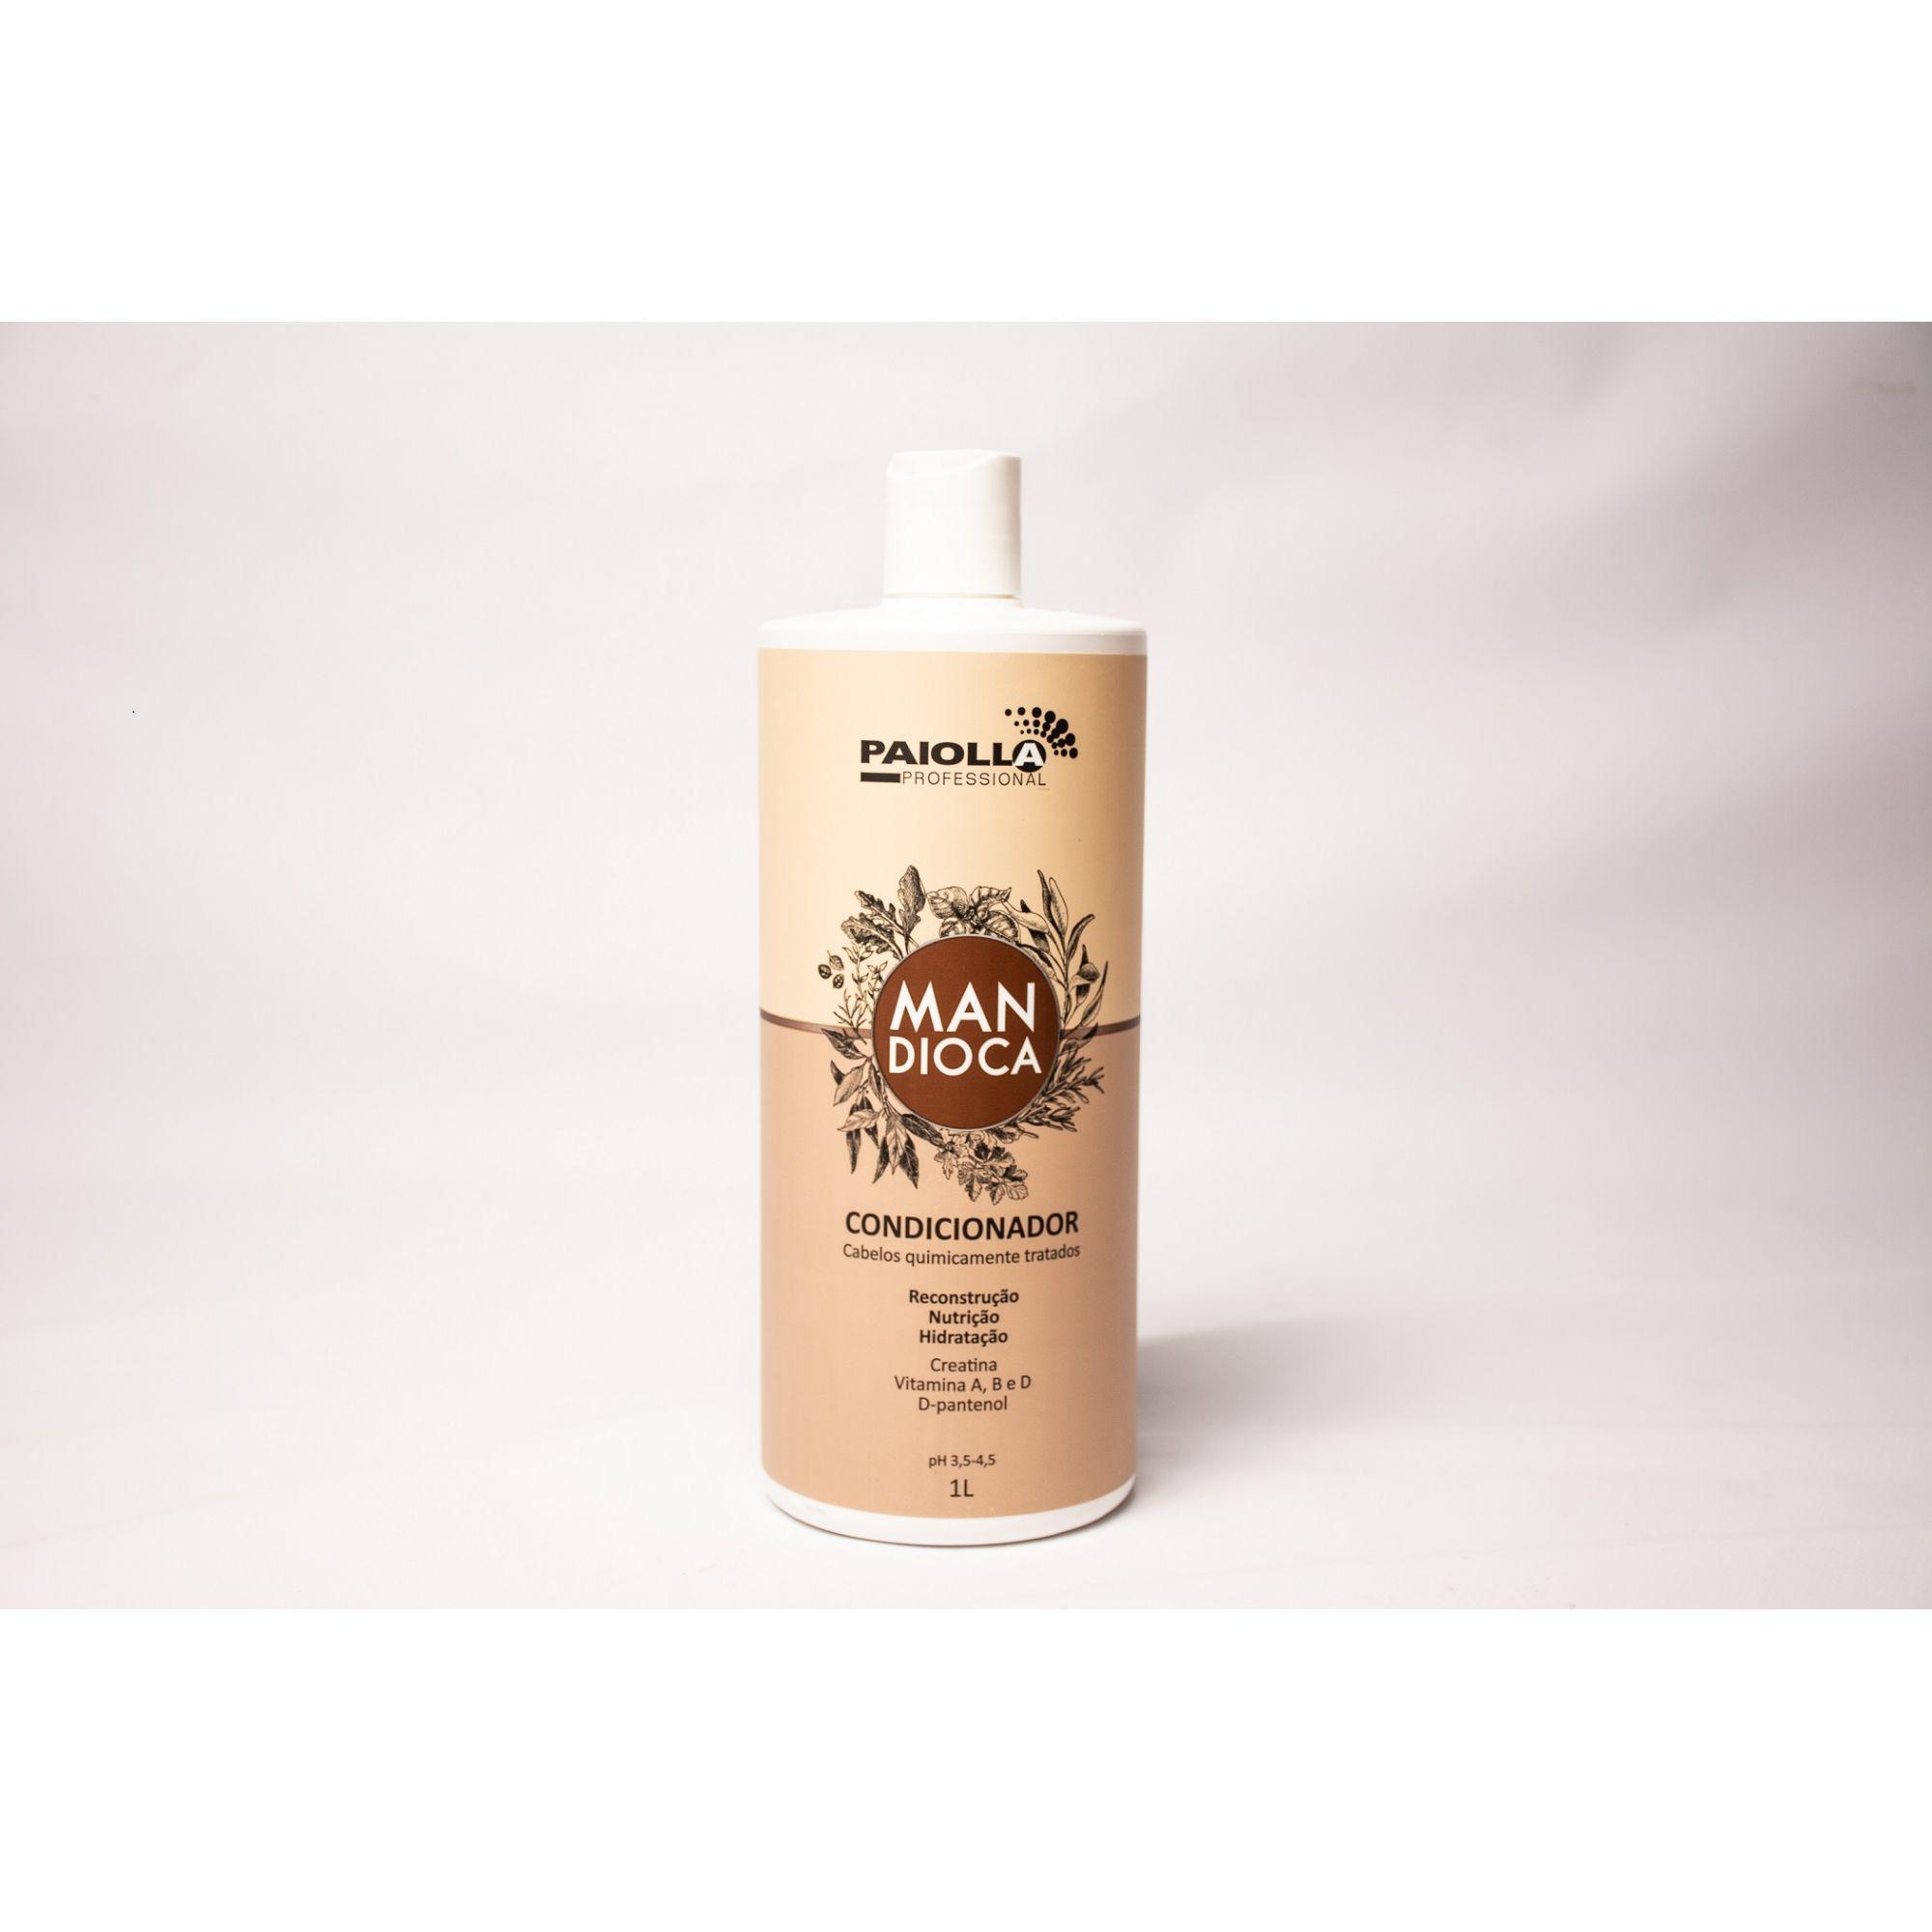 COMBO PROFISSIONAL Shampoo + Condicionador Mandioca